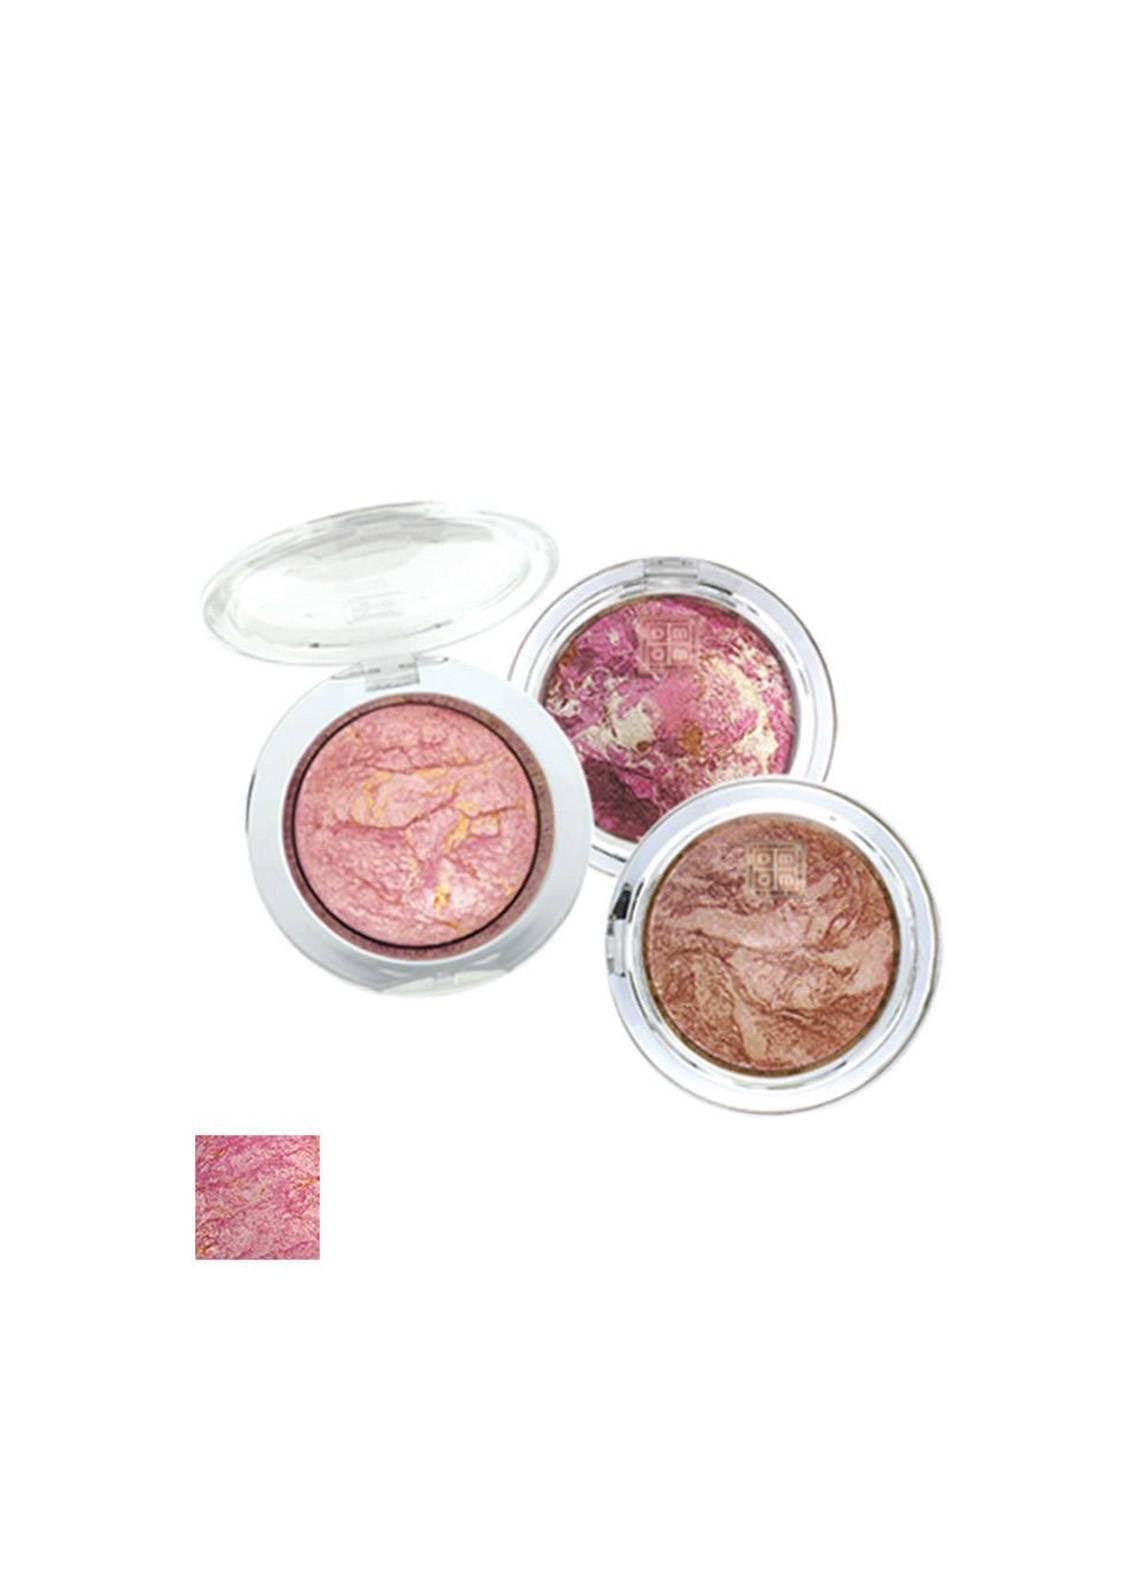 DMGM Luminious Touch Cheek Blusher - Gold Pink - 03